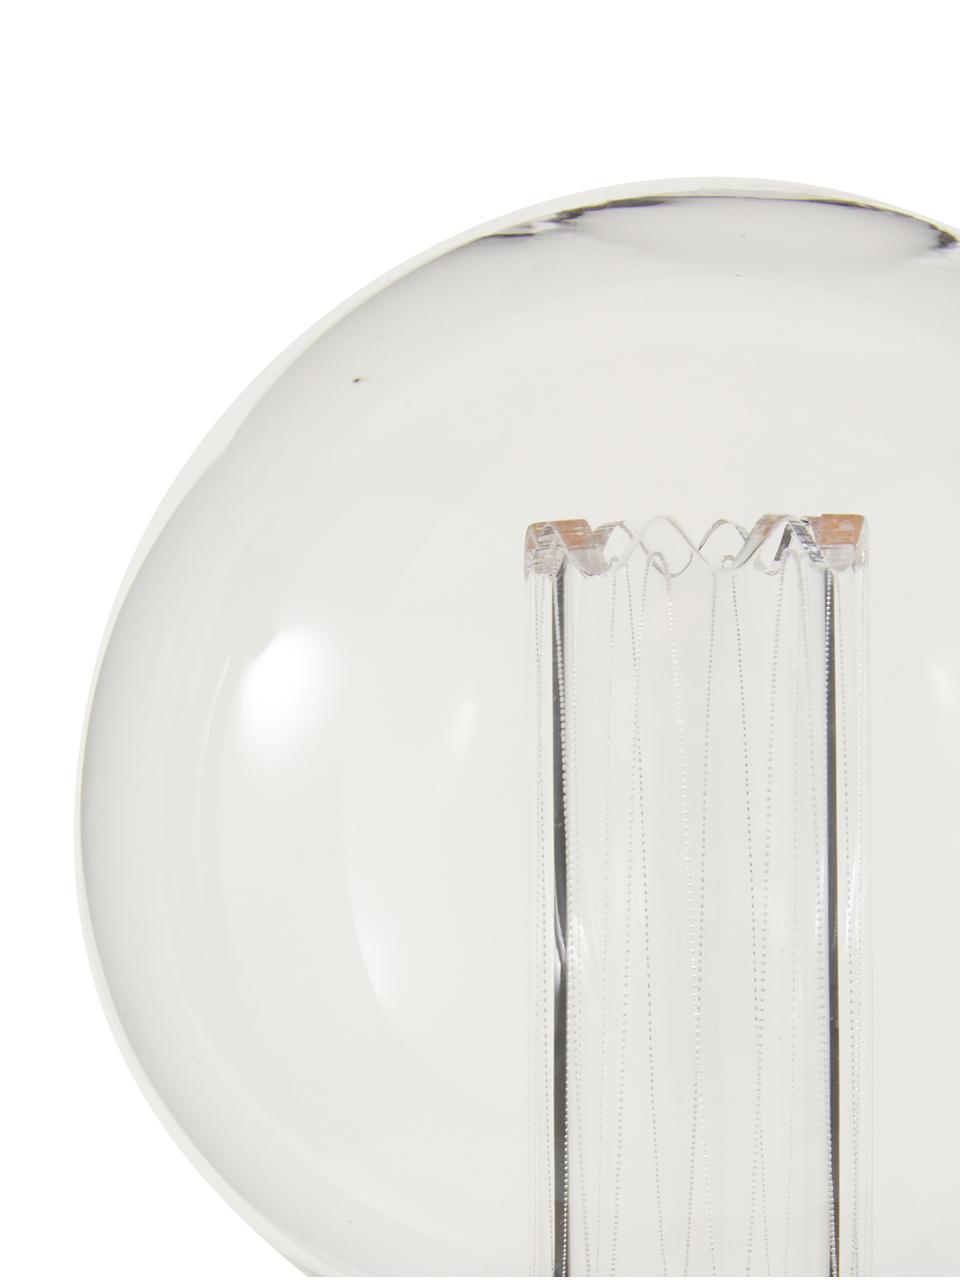 E27 XL-Leuchtmittel, 2.5W, dimmbar, warmweiß, 1 Stück, Leuchtmittelschirm: Glas, Leuchtmittelfassung: Messing, Bernsteinfarben, Ø 10 x H 15 cm